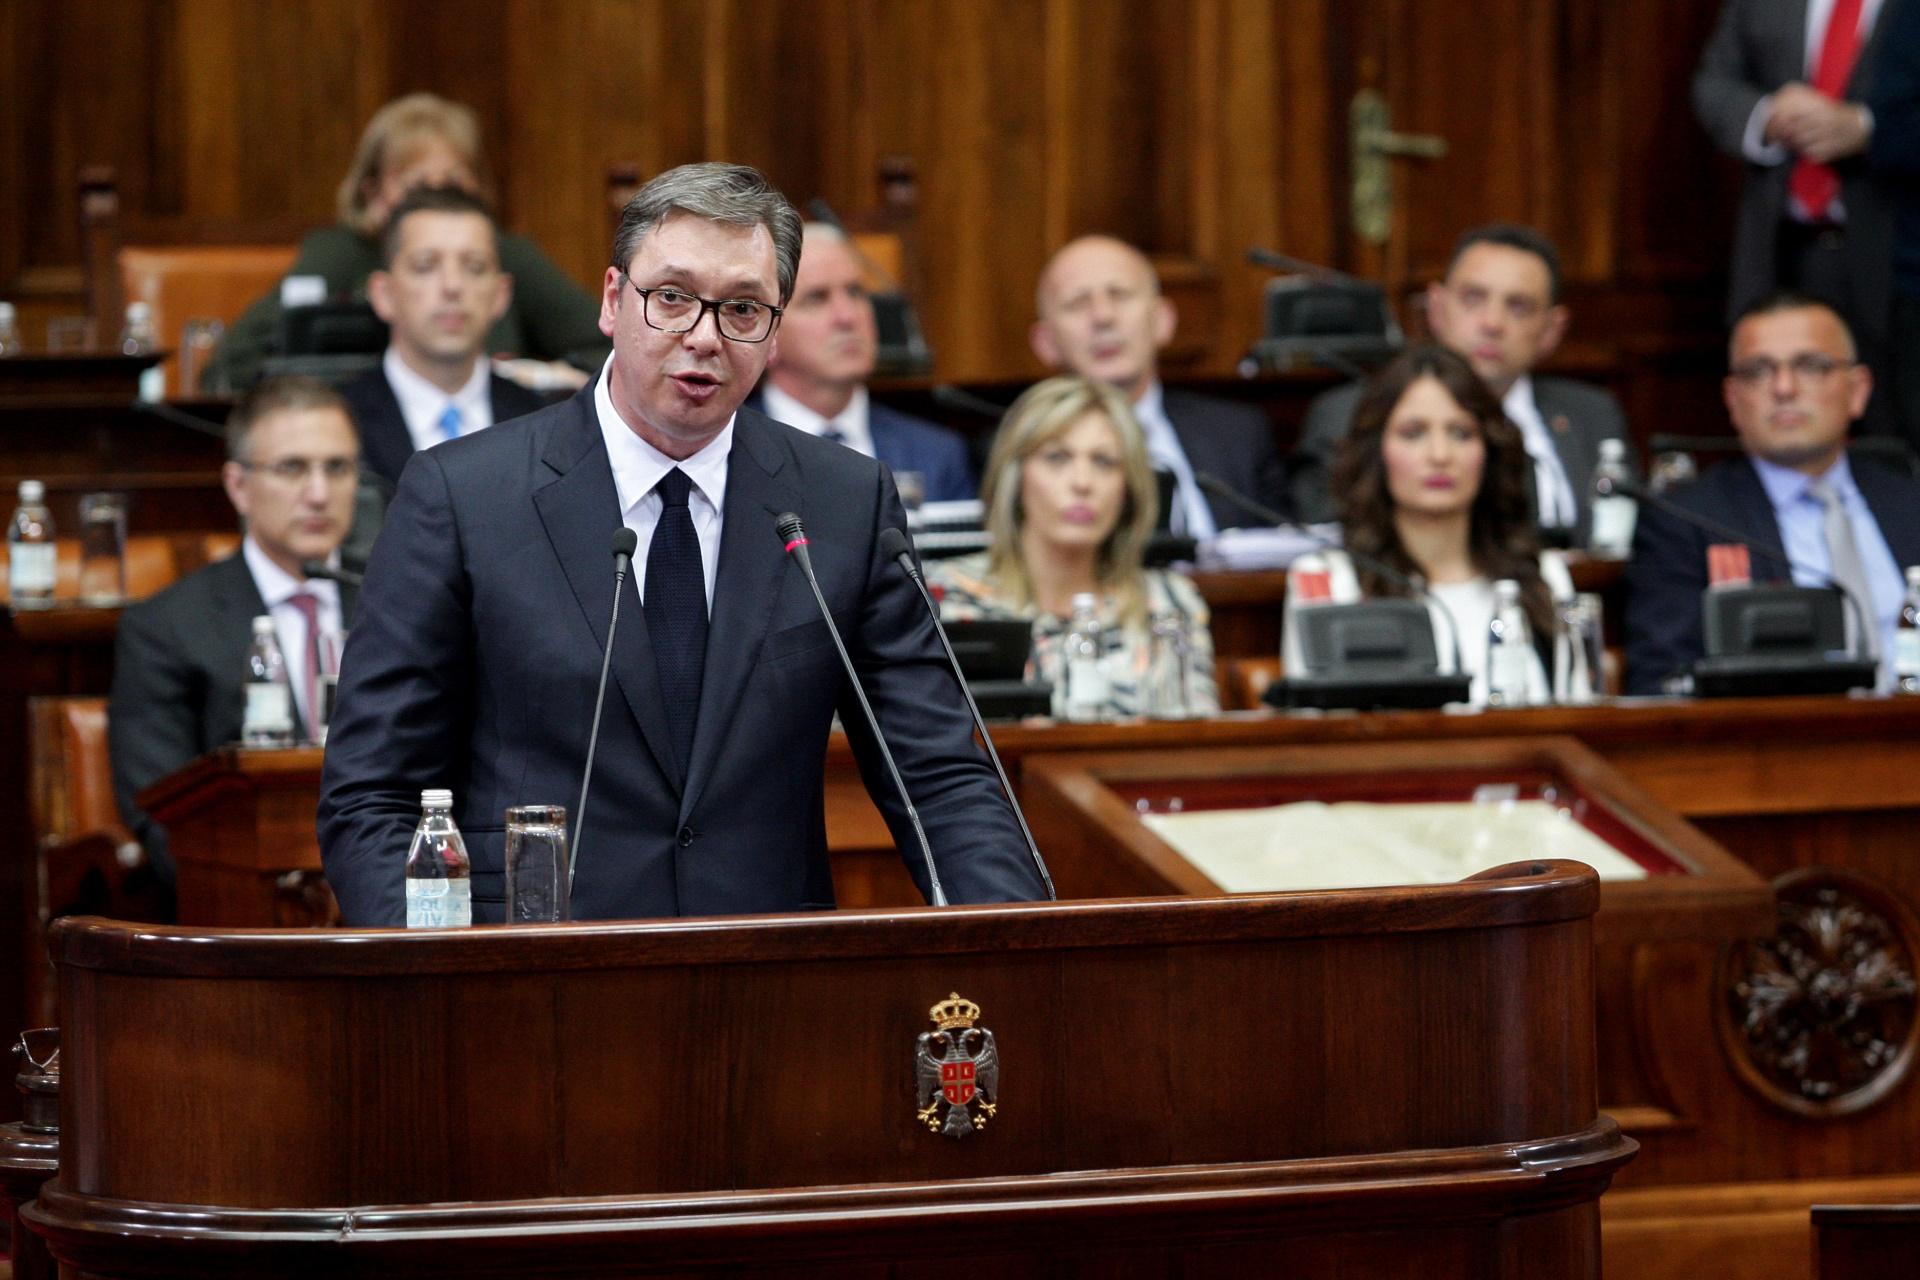 U Skupstini Srbije danas se odrzava posebna sednica na cijem dnevnom redu je izvestaj o Kosovu i Metohiji koji poslanicima predstavlja predsednik Srbije Aleksаndar Vucic